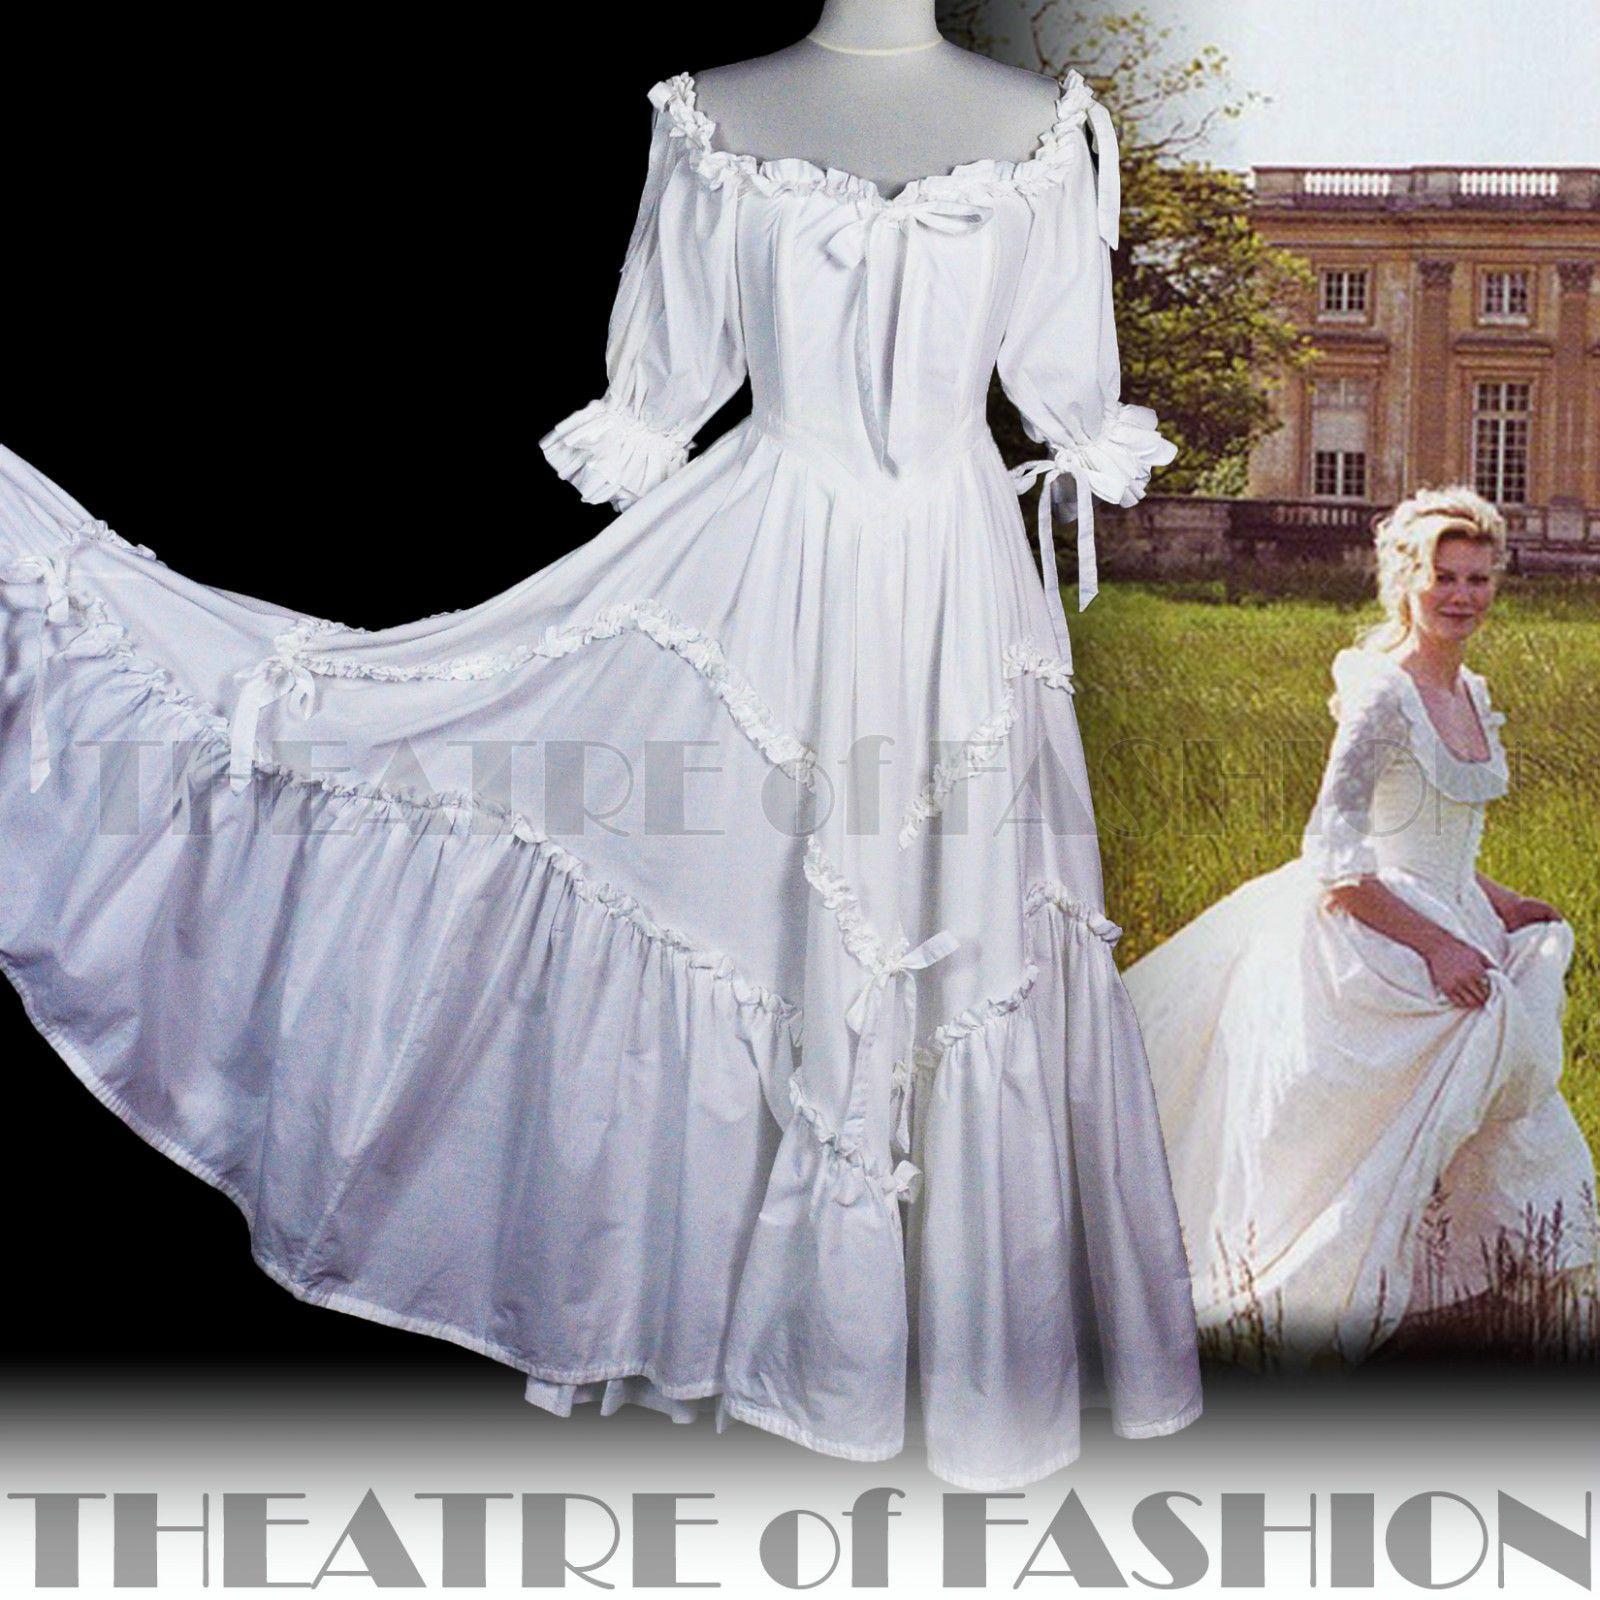 Vintage Laura Ashley Dress Wedding White Ballgown 70s Boho Gypsy ...